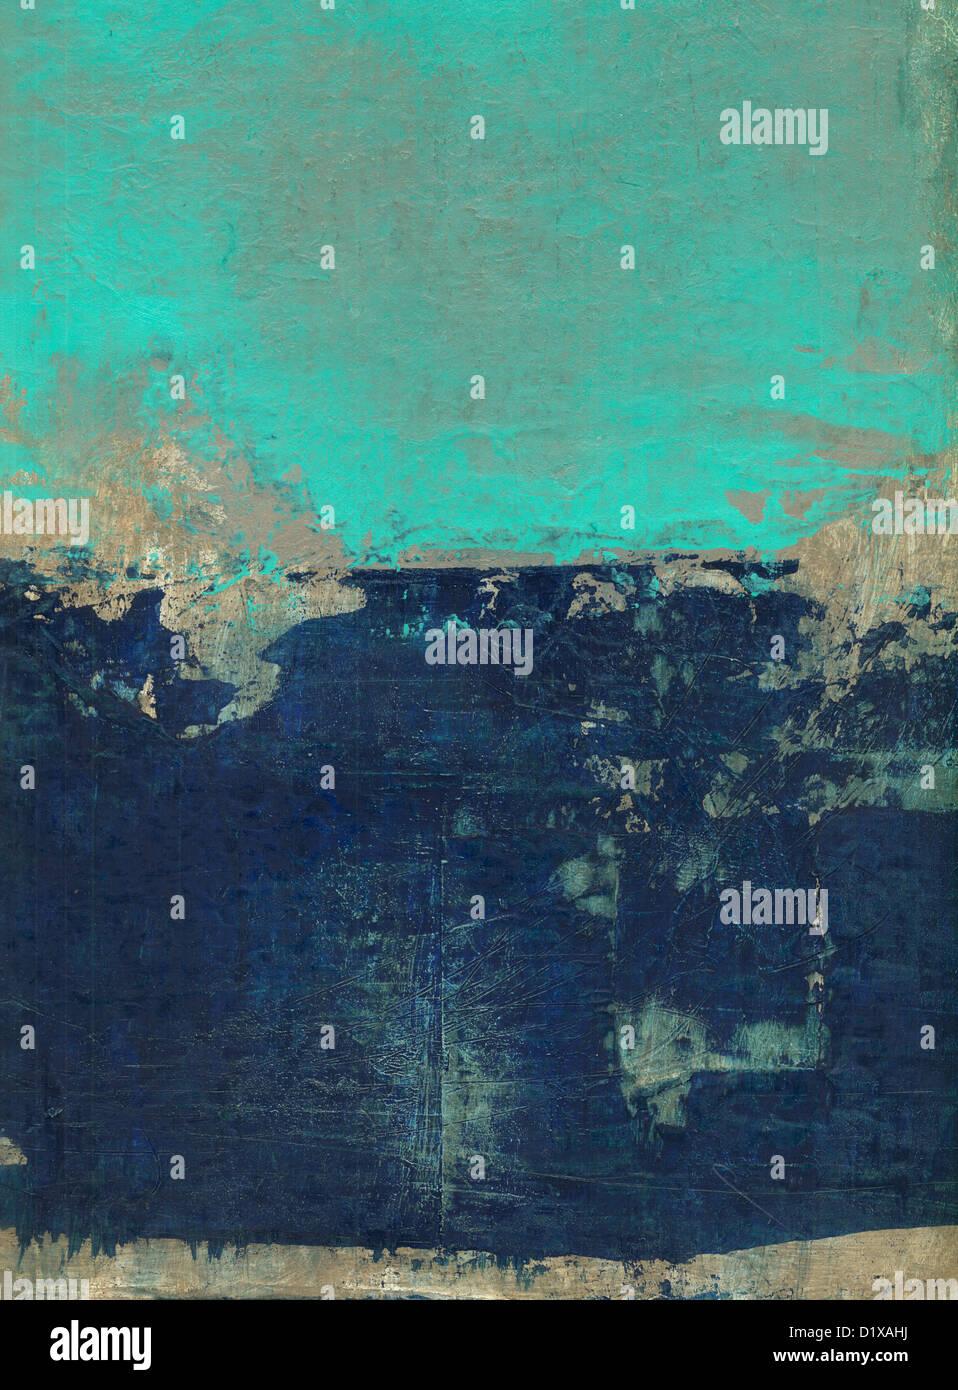 La peinture abstraite avec bleu, turquoise et marron. Photo Stock